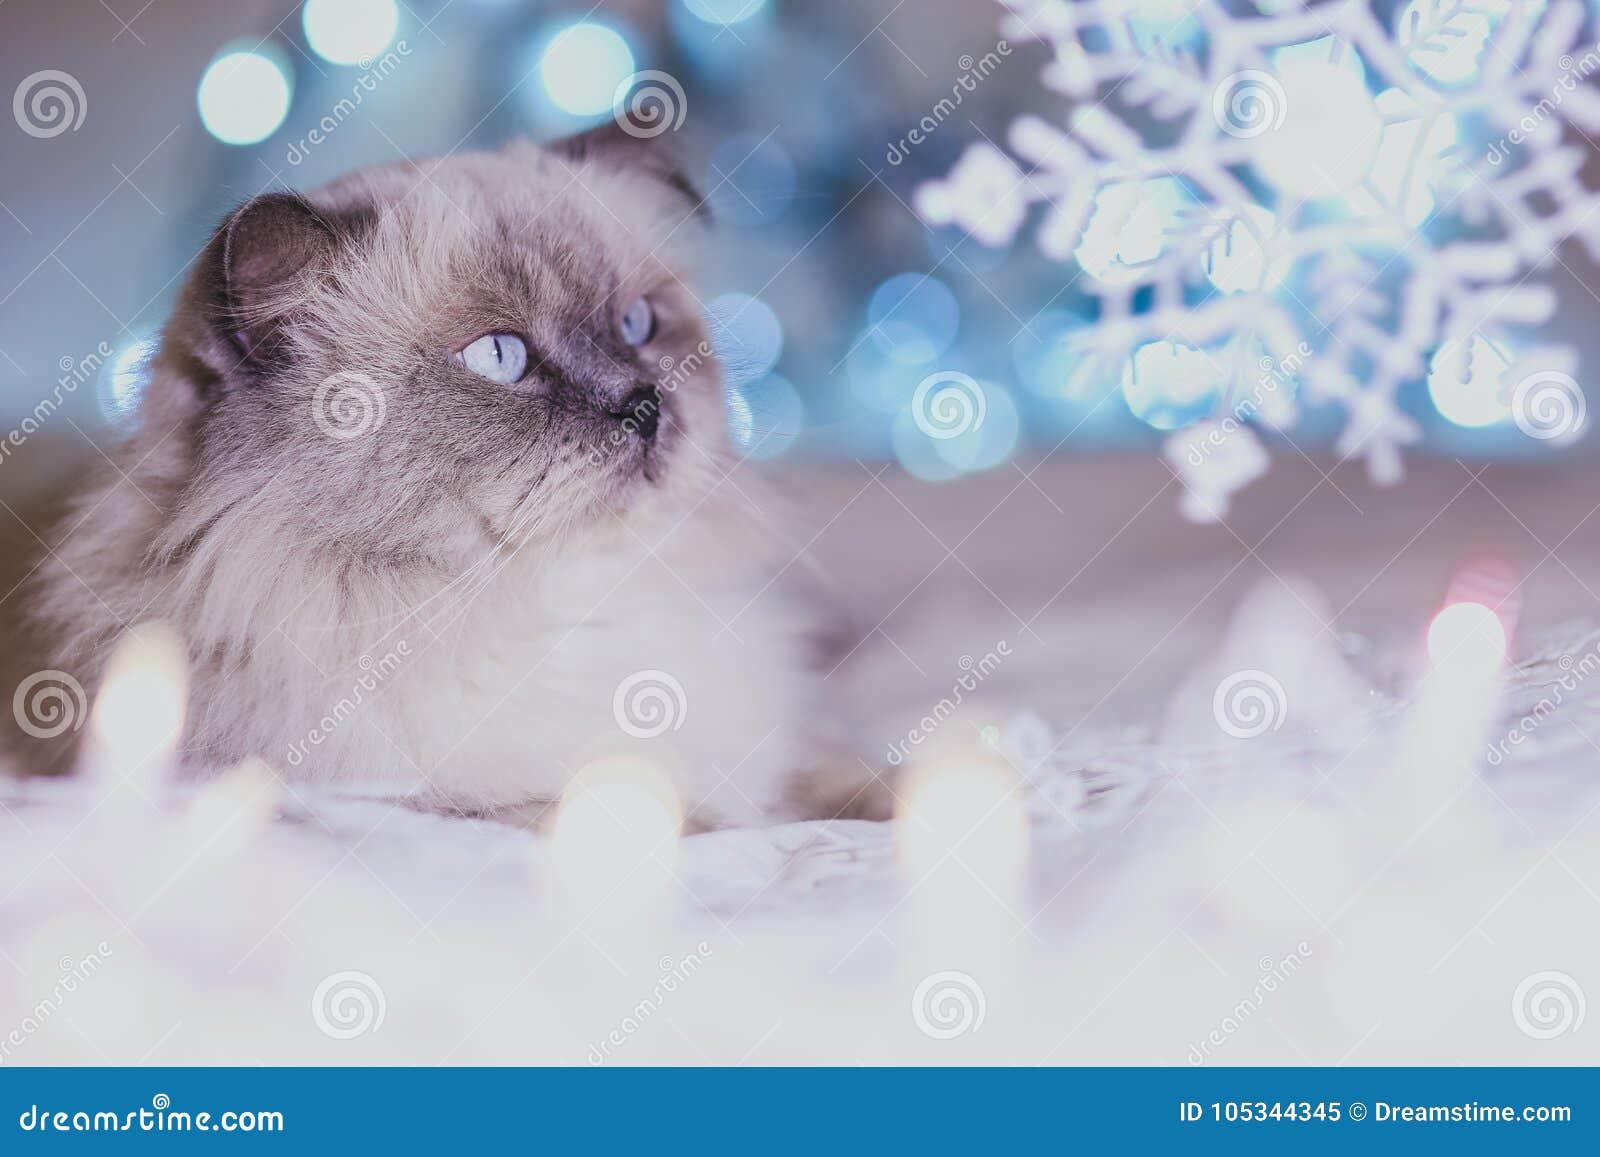 Χριστούγεννα, νέα γάτα διακοπών έτους ημερολογιακή, άνετο μπλε και άσπρο pi